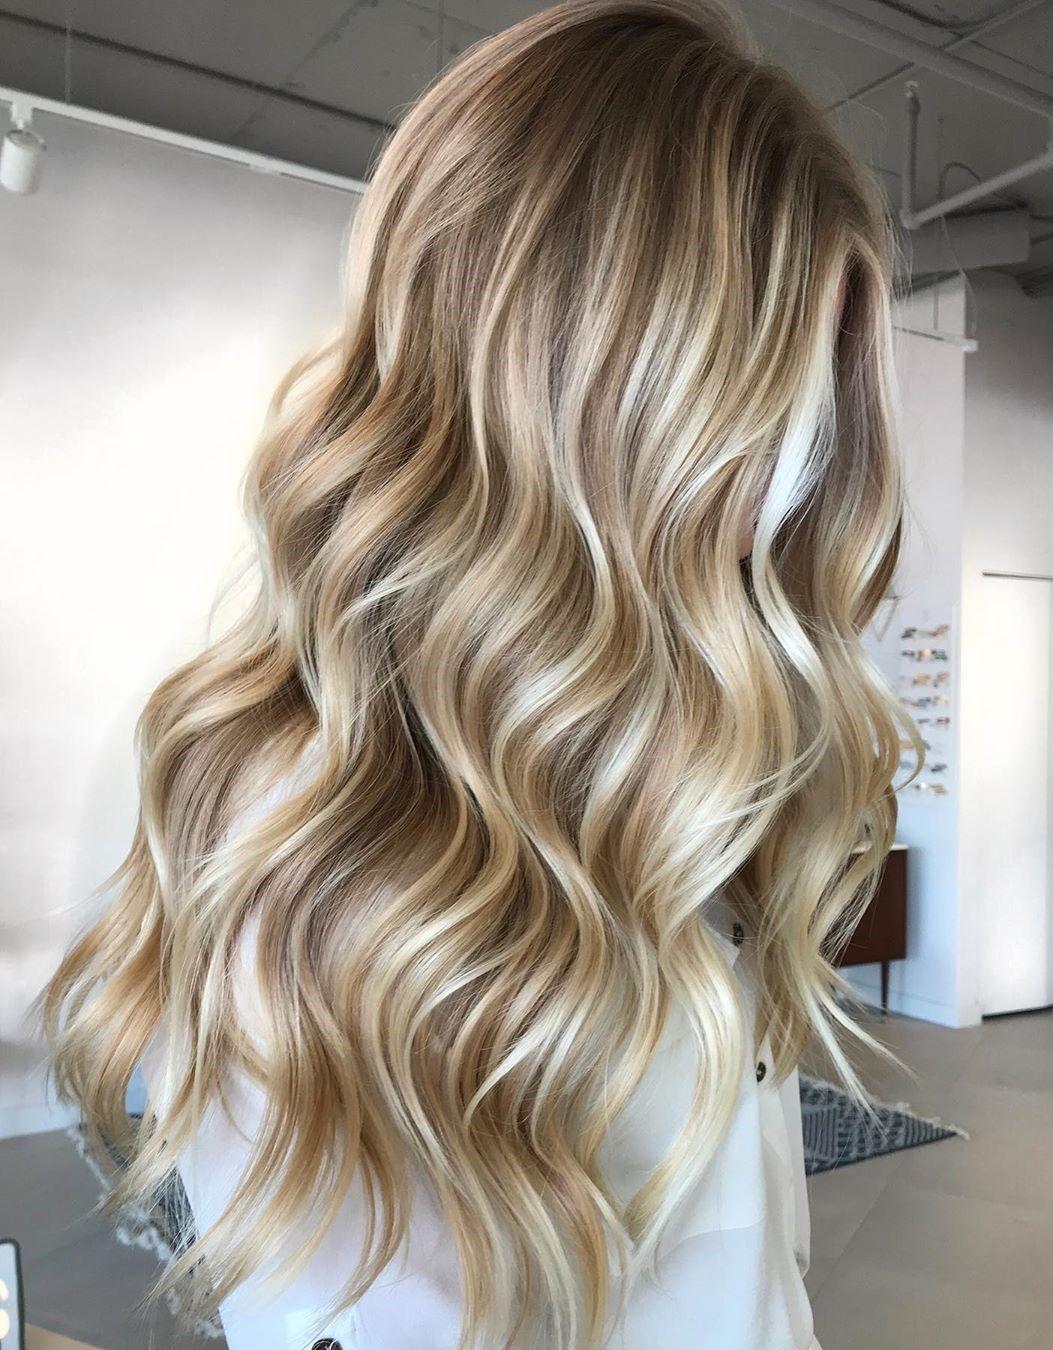 50 Best Blonde Hair Colors Trending for 2021 - Hai